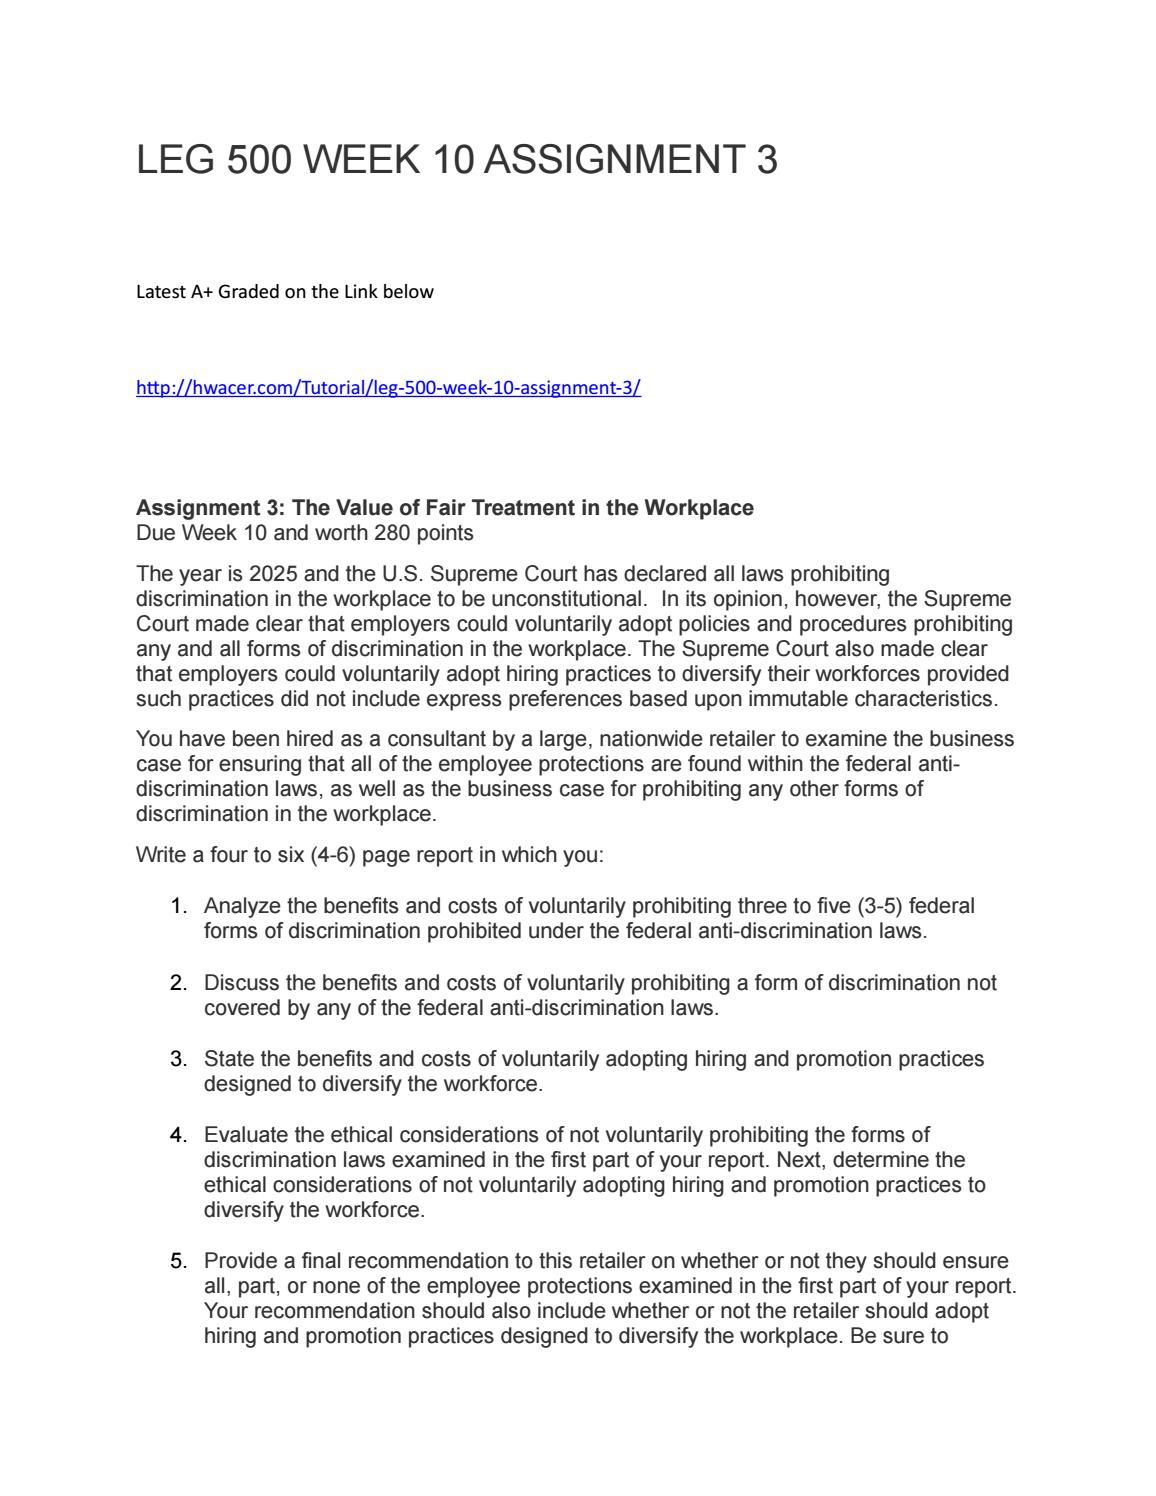 benefits of anti discriminatory practice